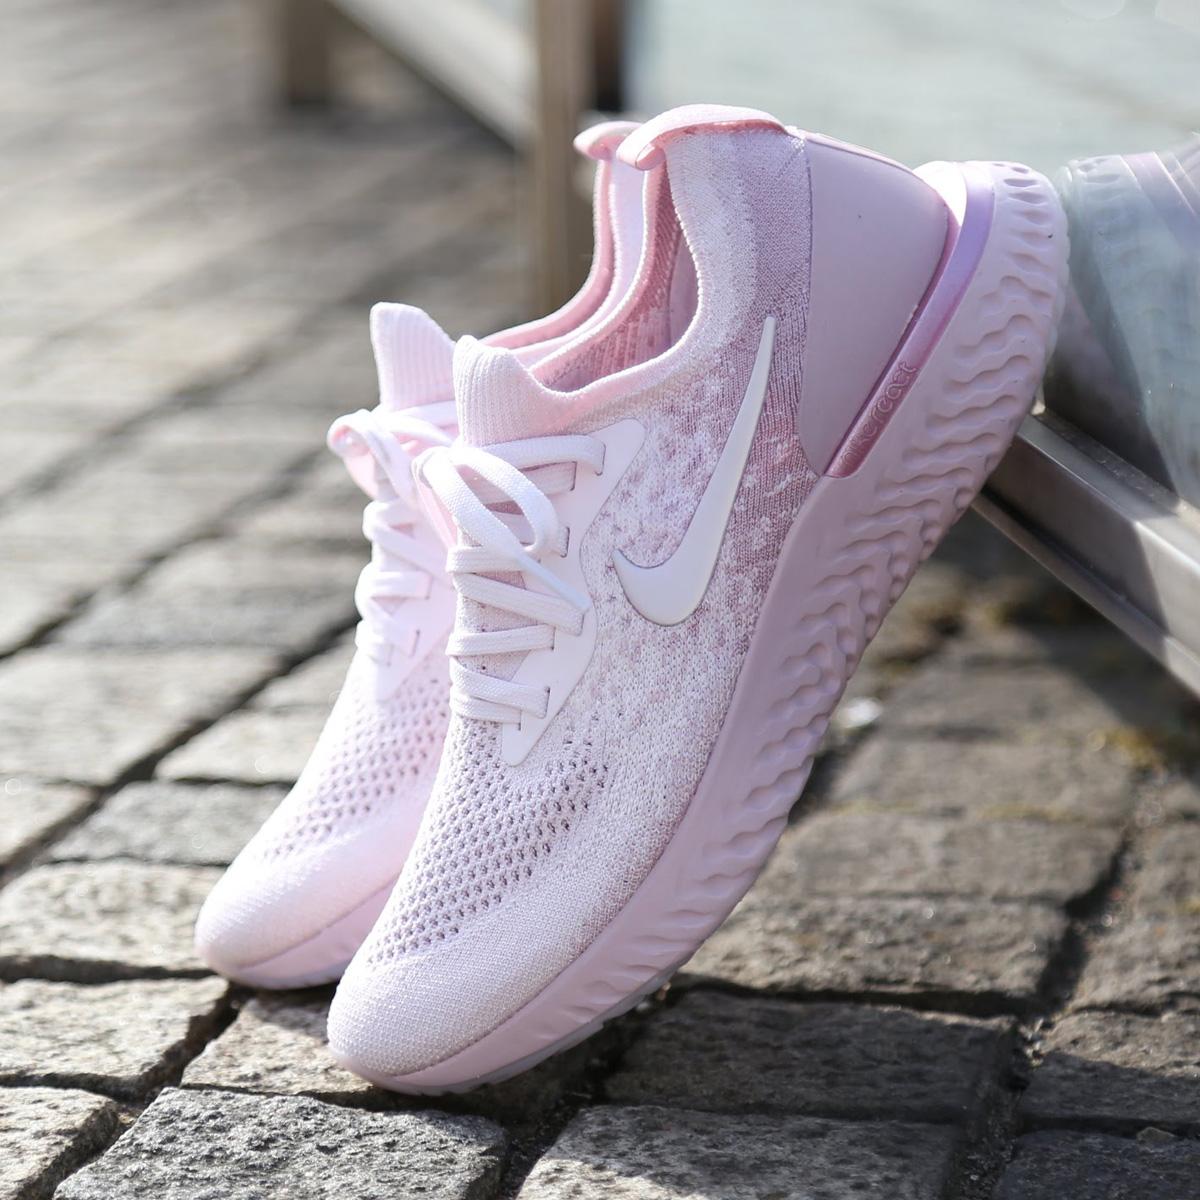 0baed440943 On Sale  Women s Nike Epic React Flyknit